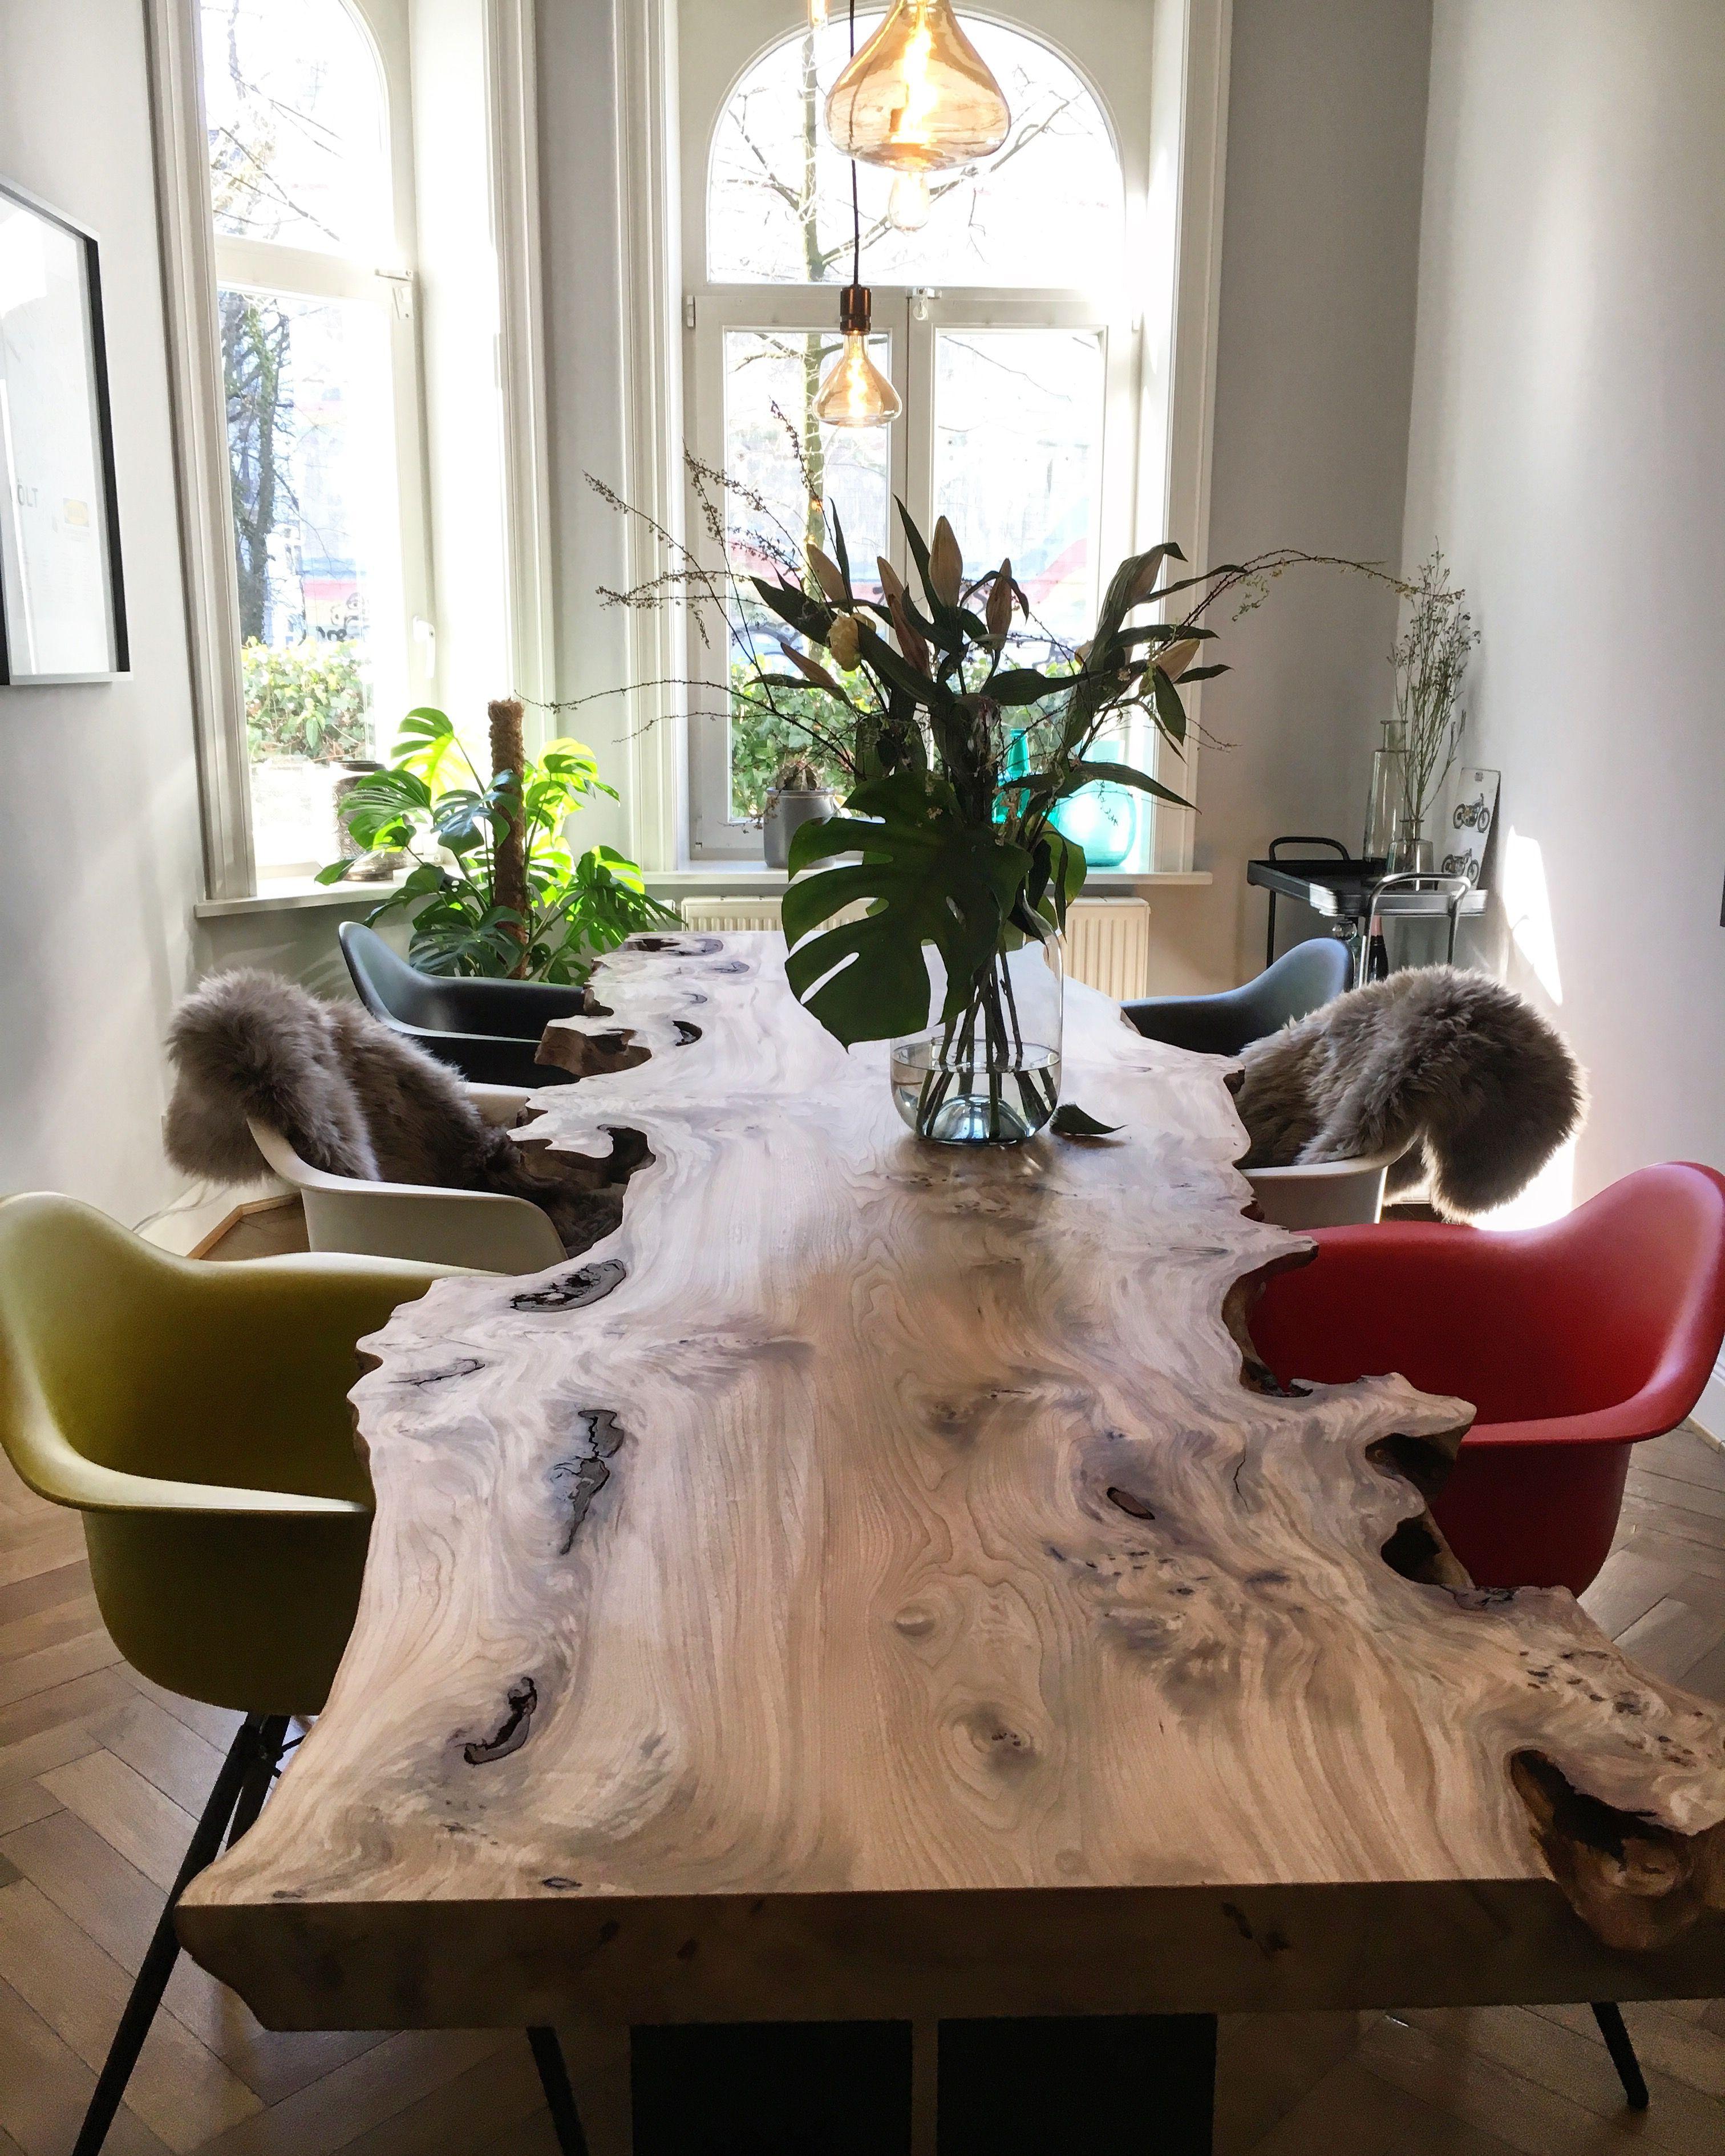 Esstisch stammtisch baumtisch interior einrichtung - Baumtisch esszimmer ...